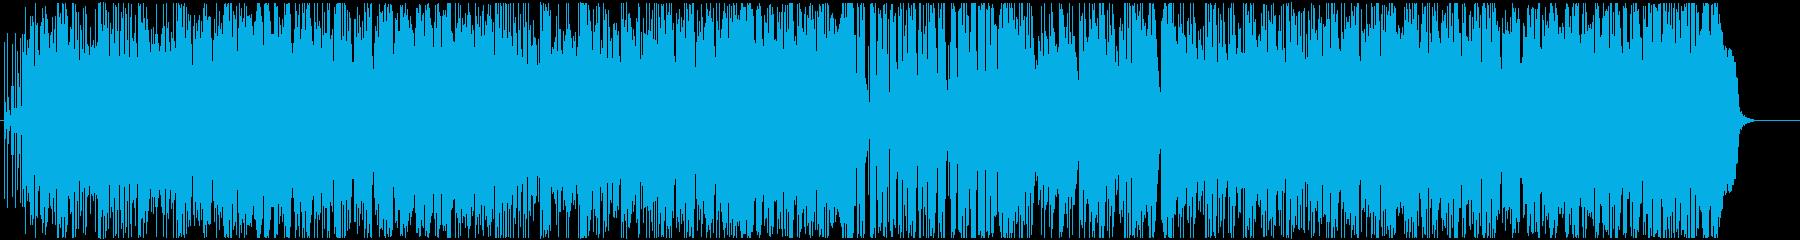 チェロがメロディを奏でるタンゴ風楽曲の再生済みの波形